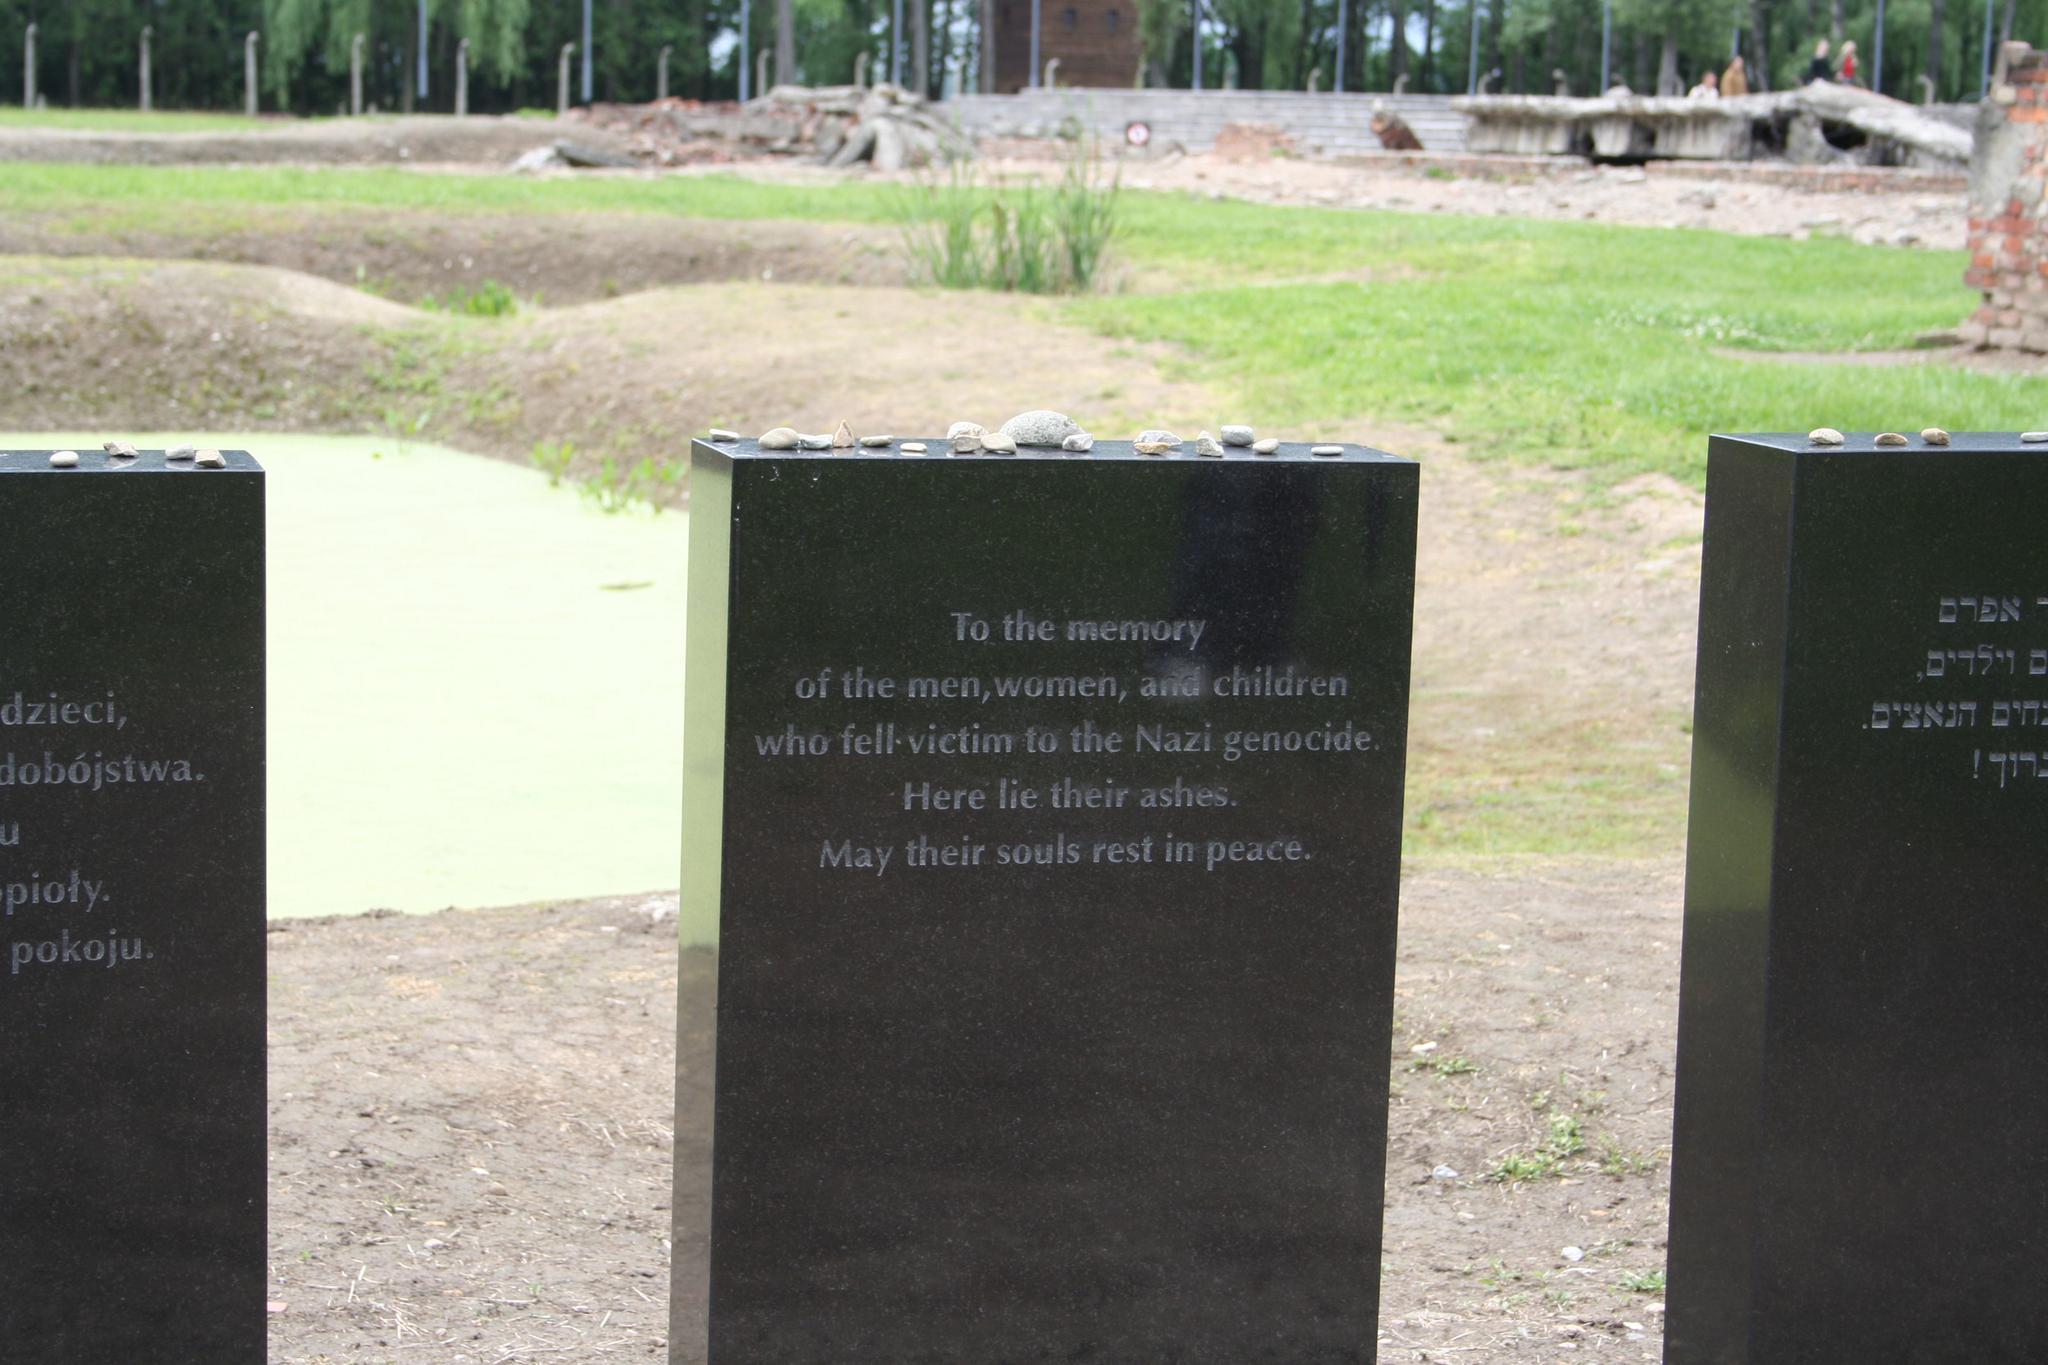 Memorial tombstones at Auschwitz.